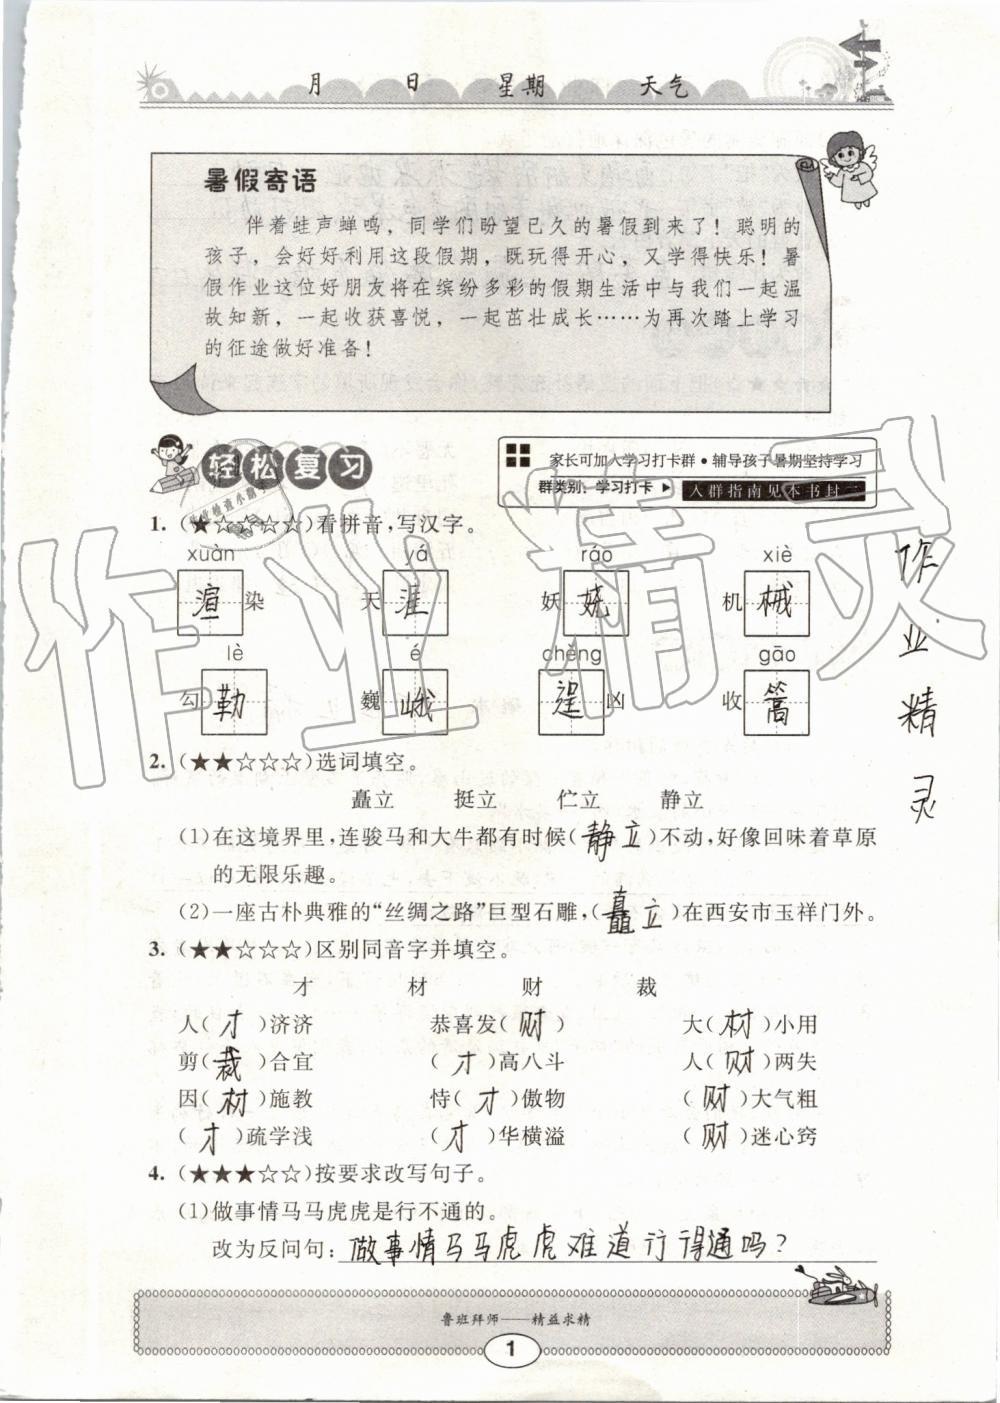 2019年长江暑假作业五年级语文崇文书局第1页